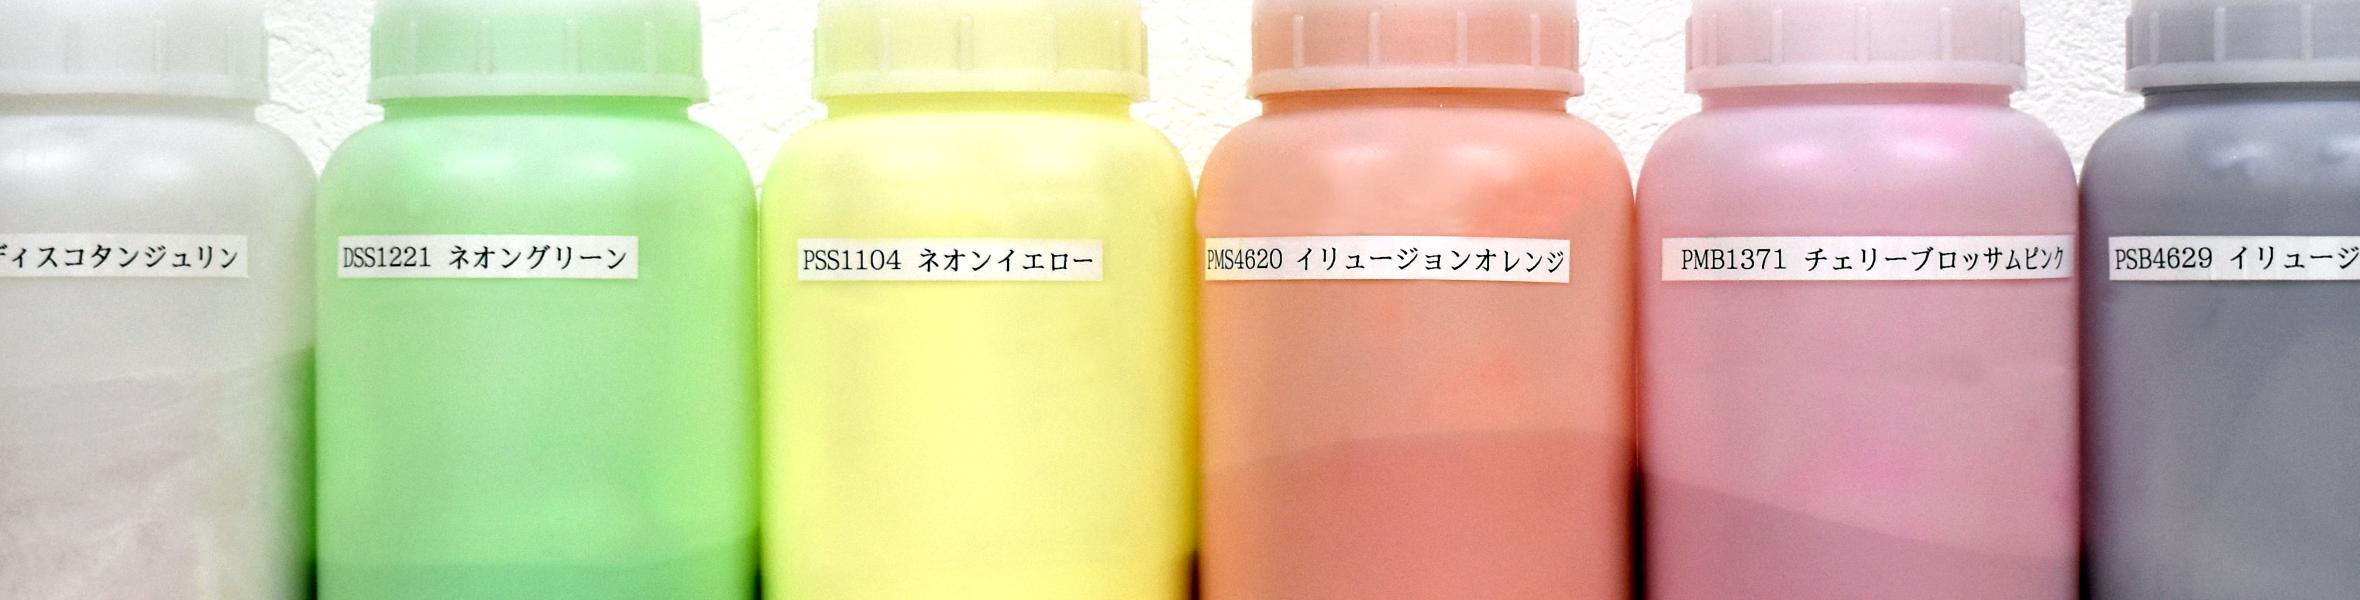 カラーボトル